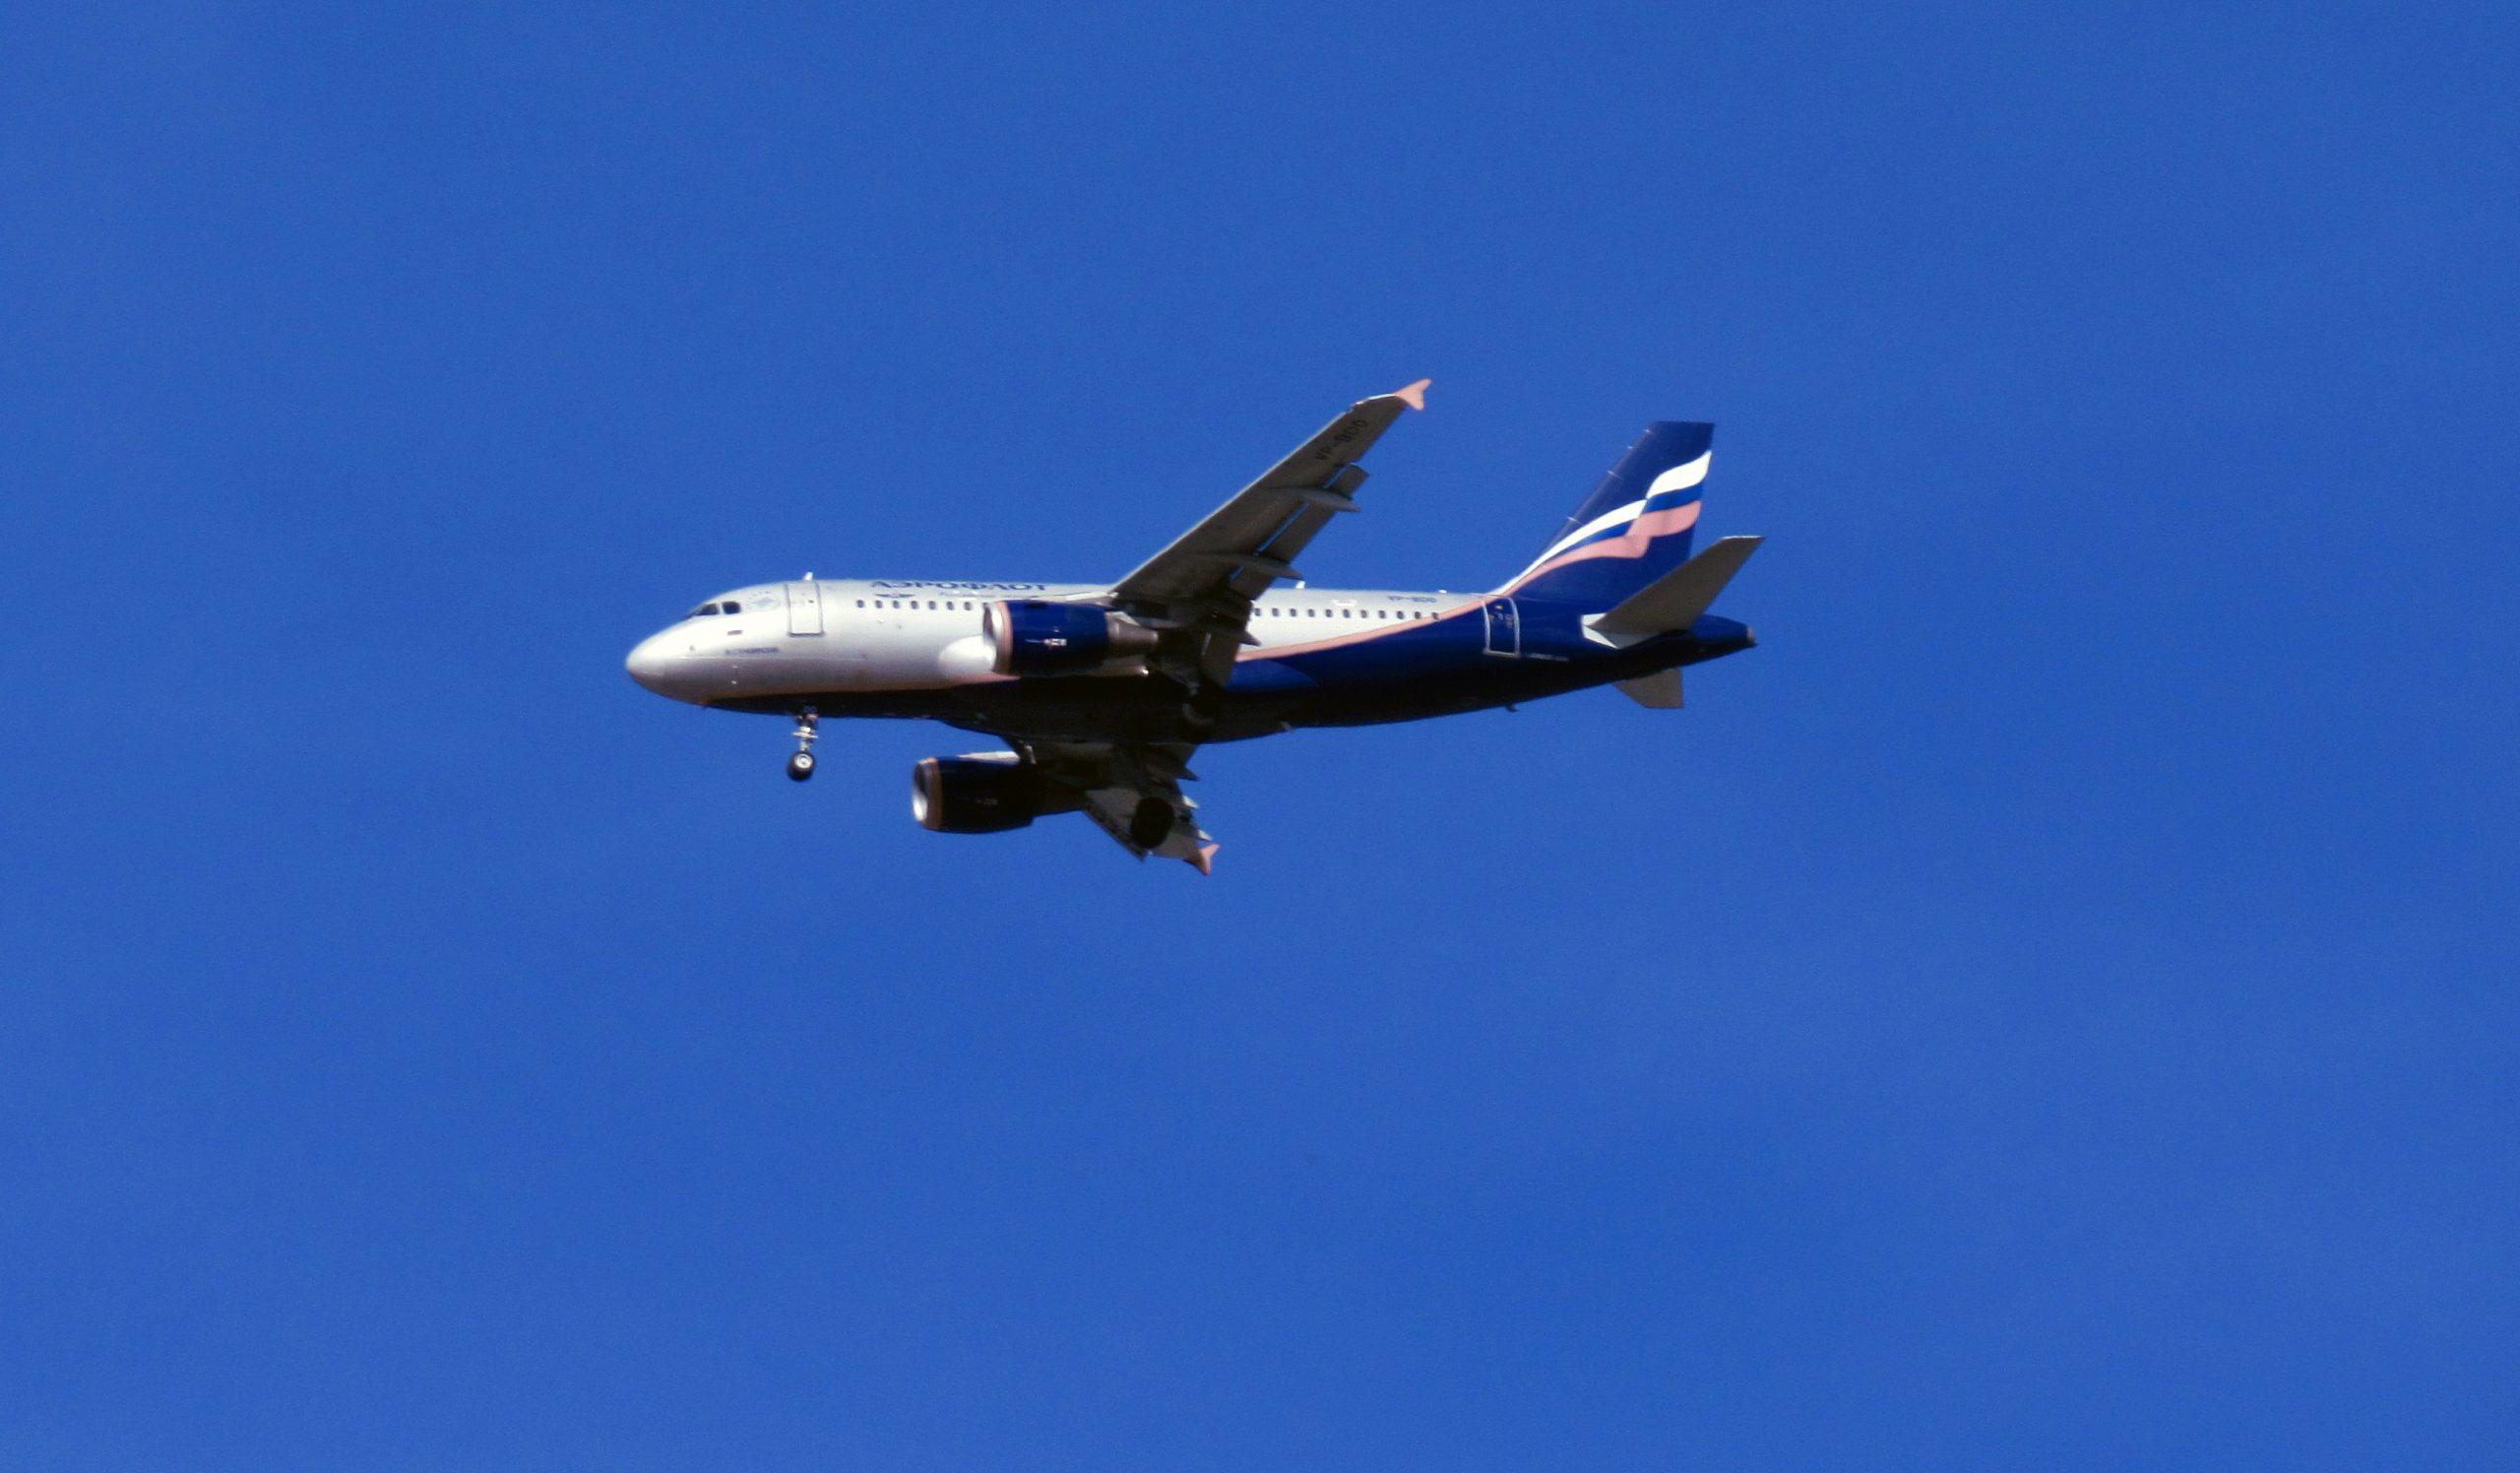 Россия возобновляет авиасообщение с 4 странами с 27 января